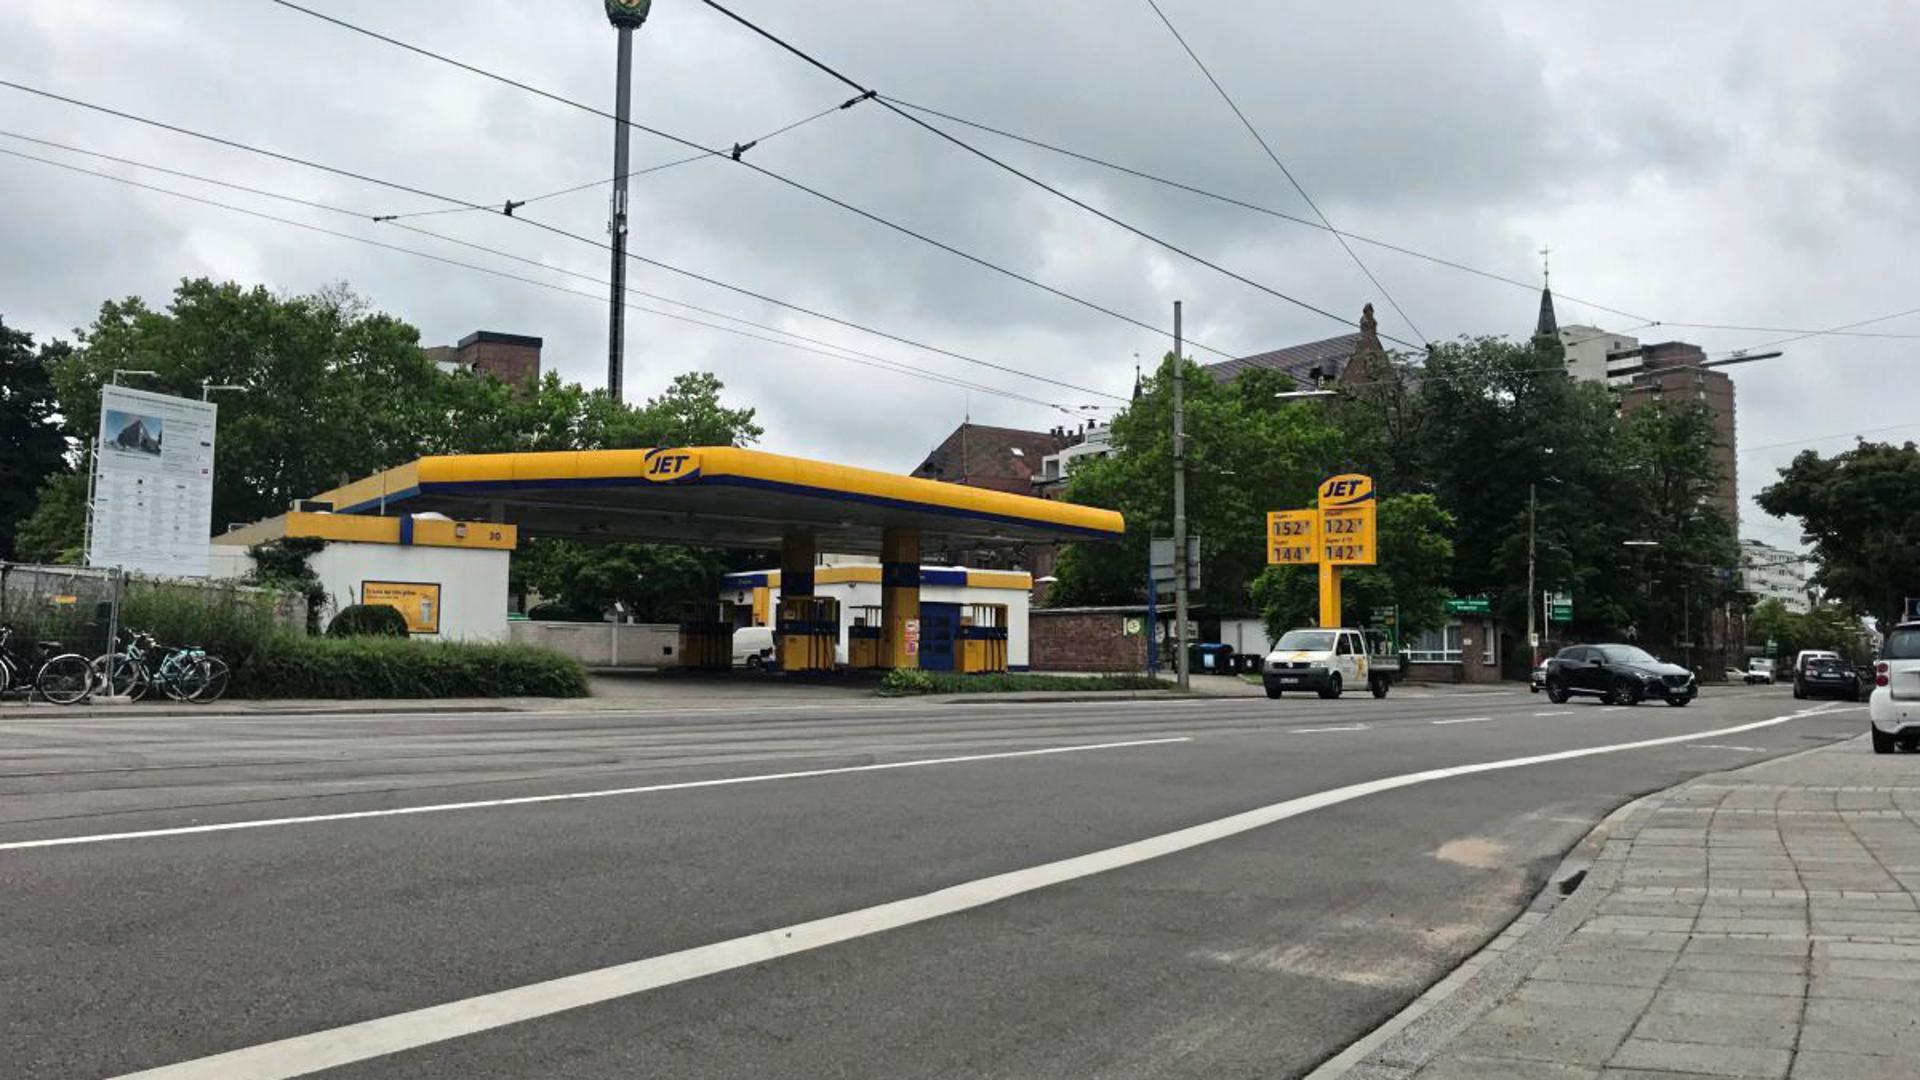 An dieser Tankstelle in Karlsruhe soll der 28-Jährige den Wodka gestohlen haben.